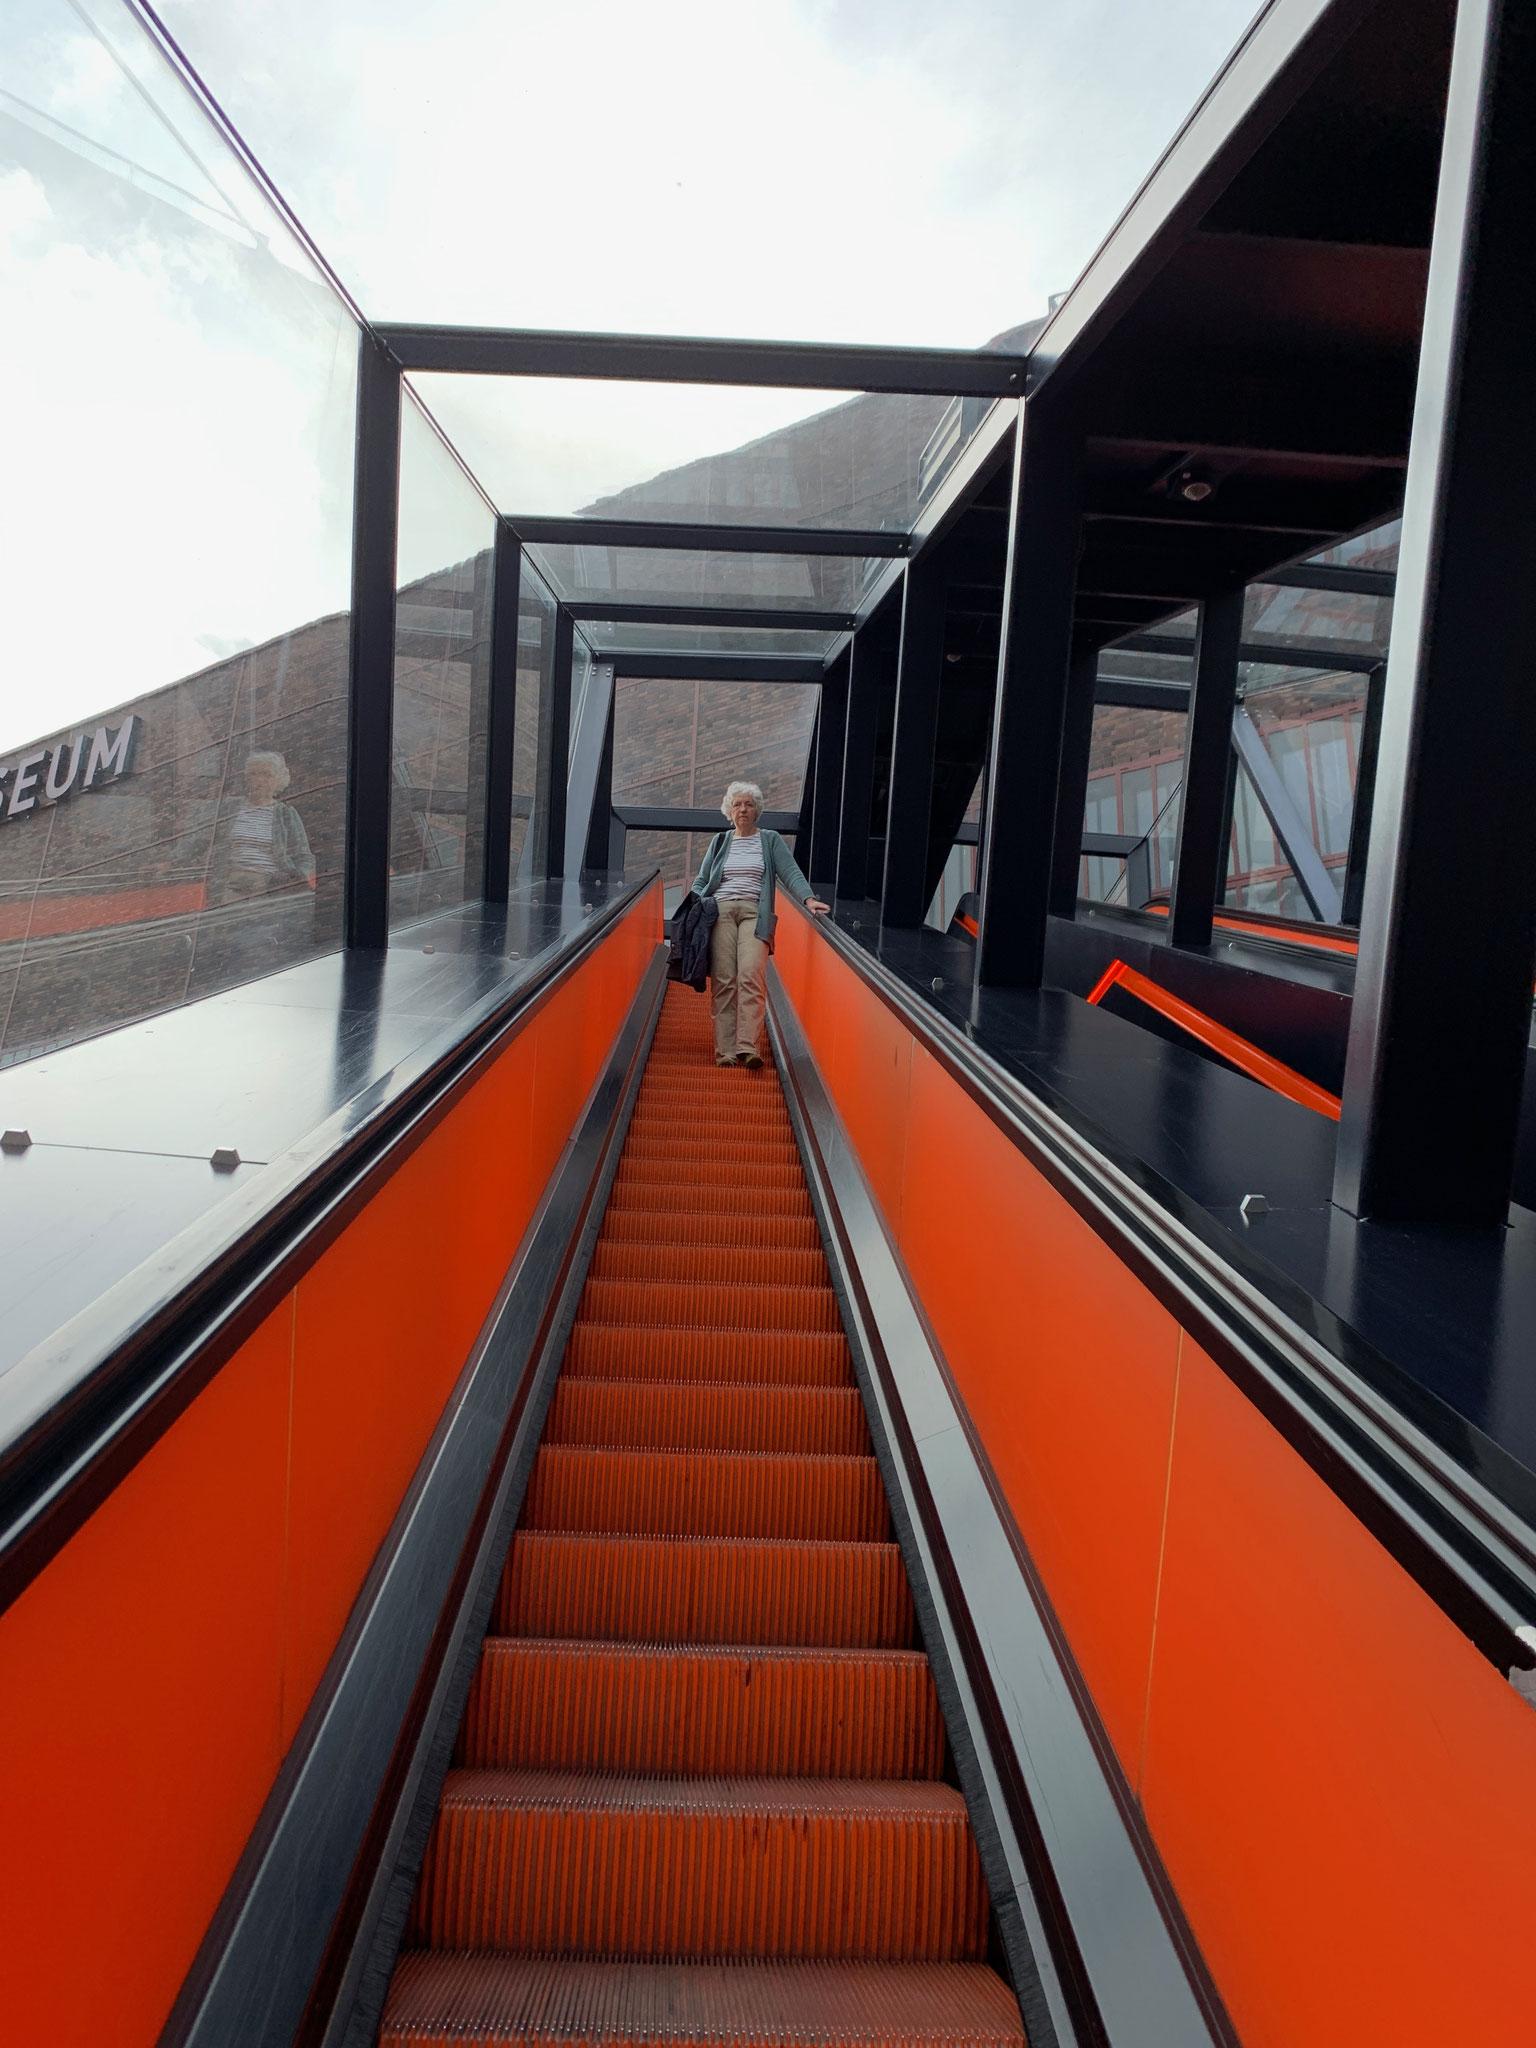 Mit der Rolltreppe geht es in die Eingangshalle des Ruhrmuseum!